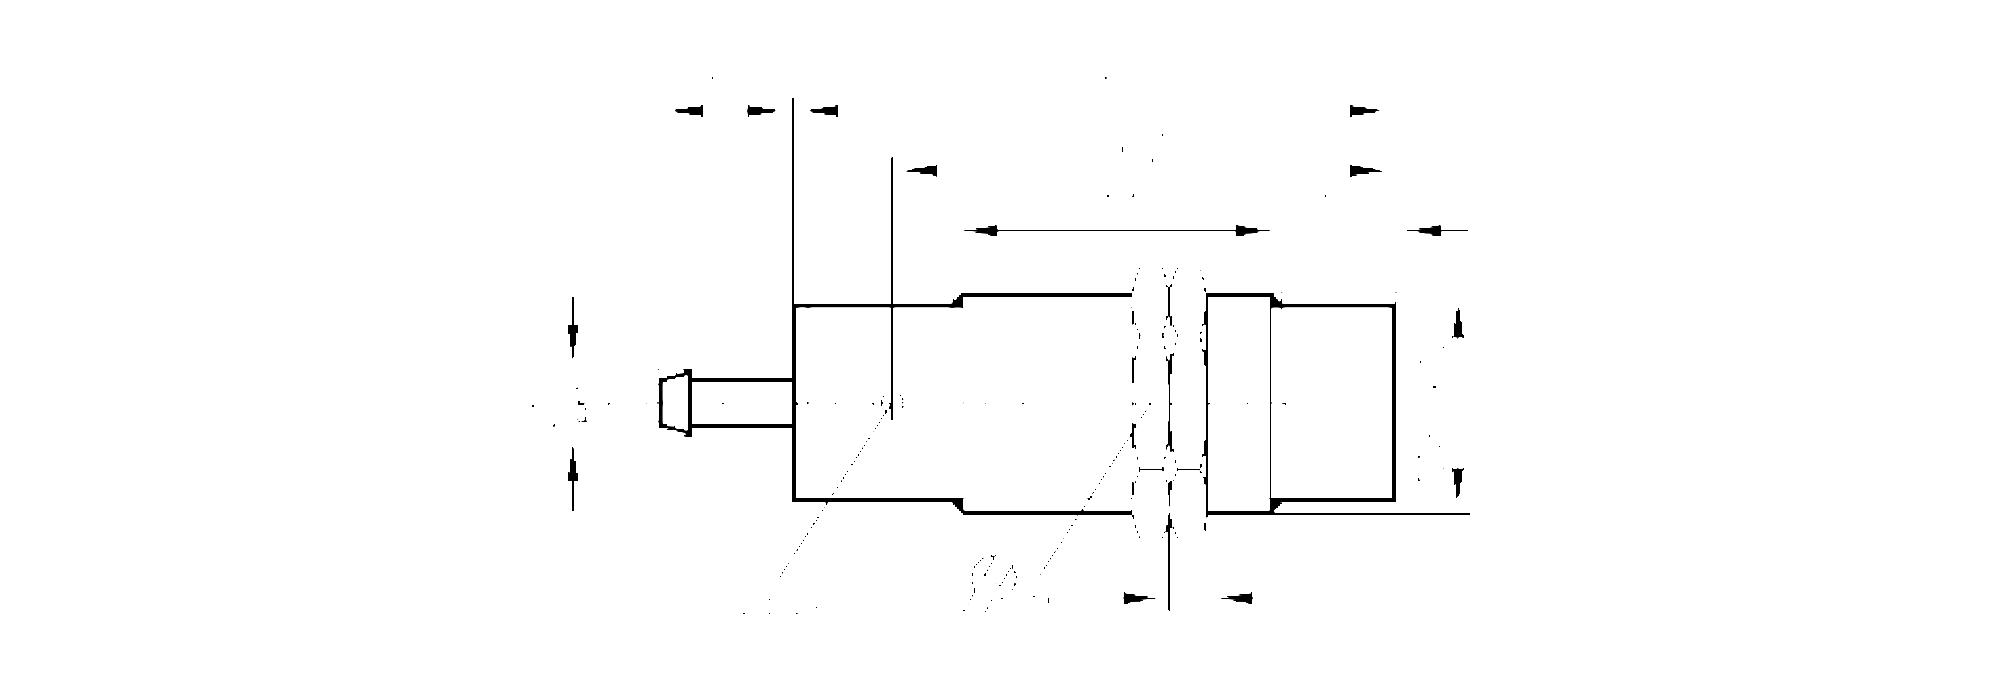 Ii0012 Inductive Sensor Ifm Electronic